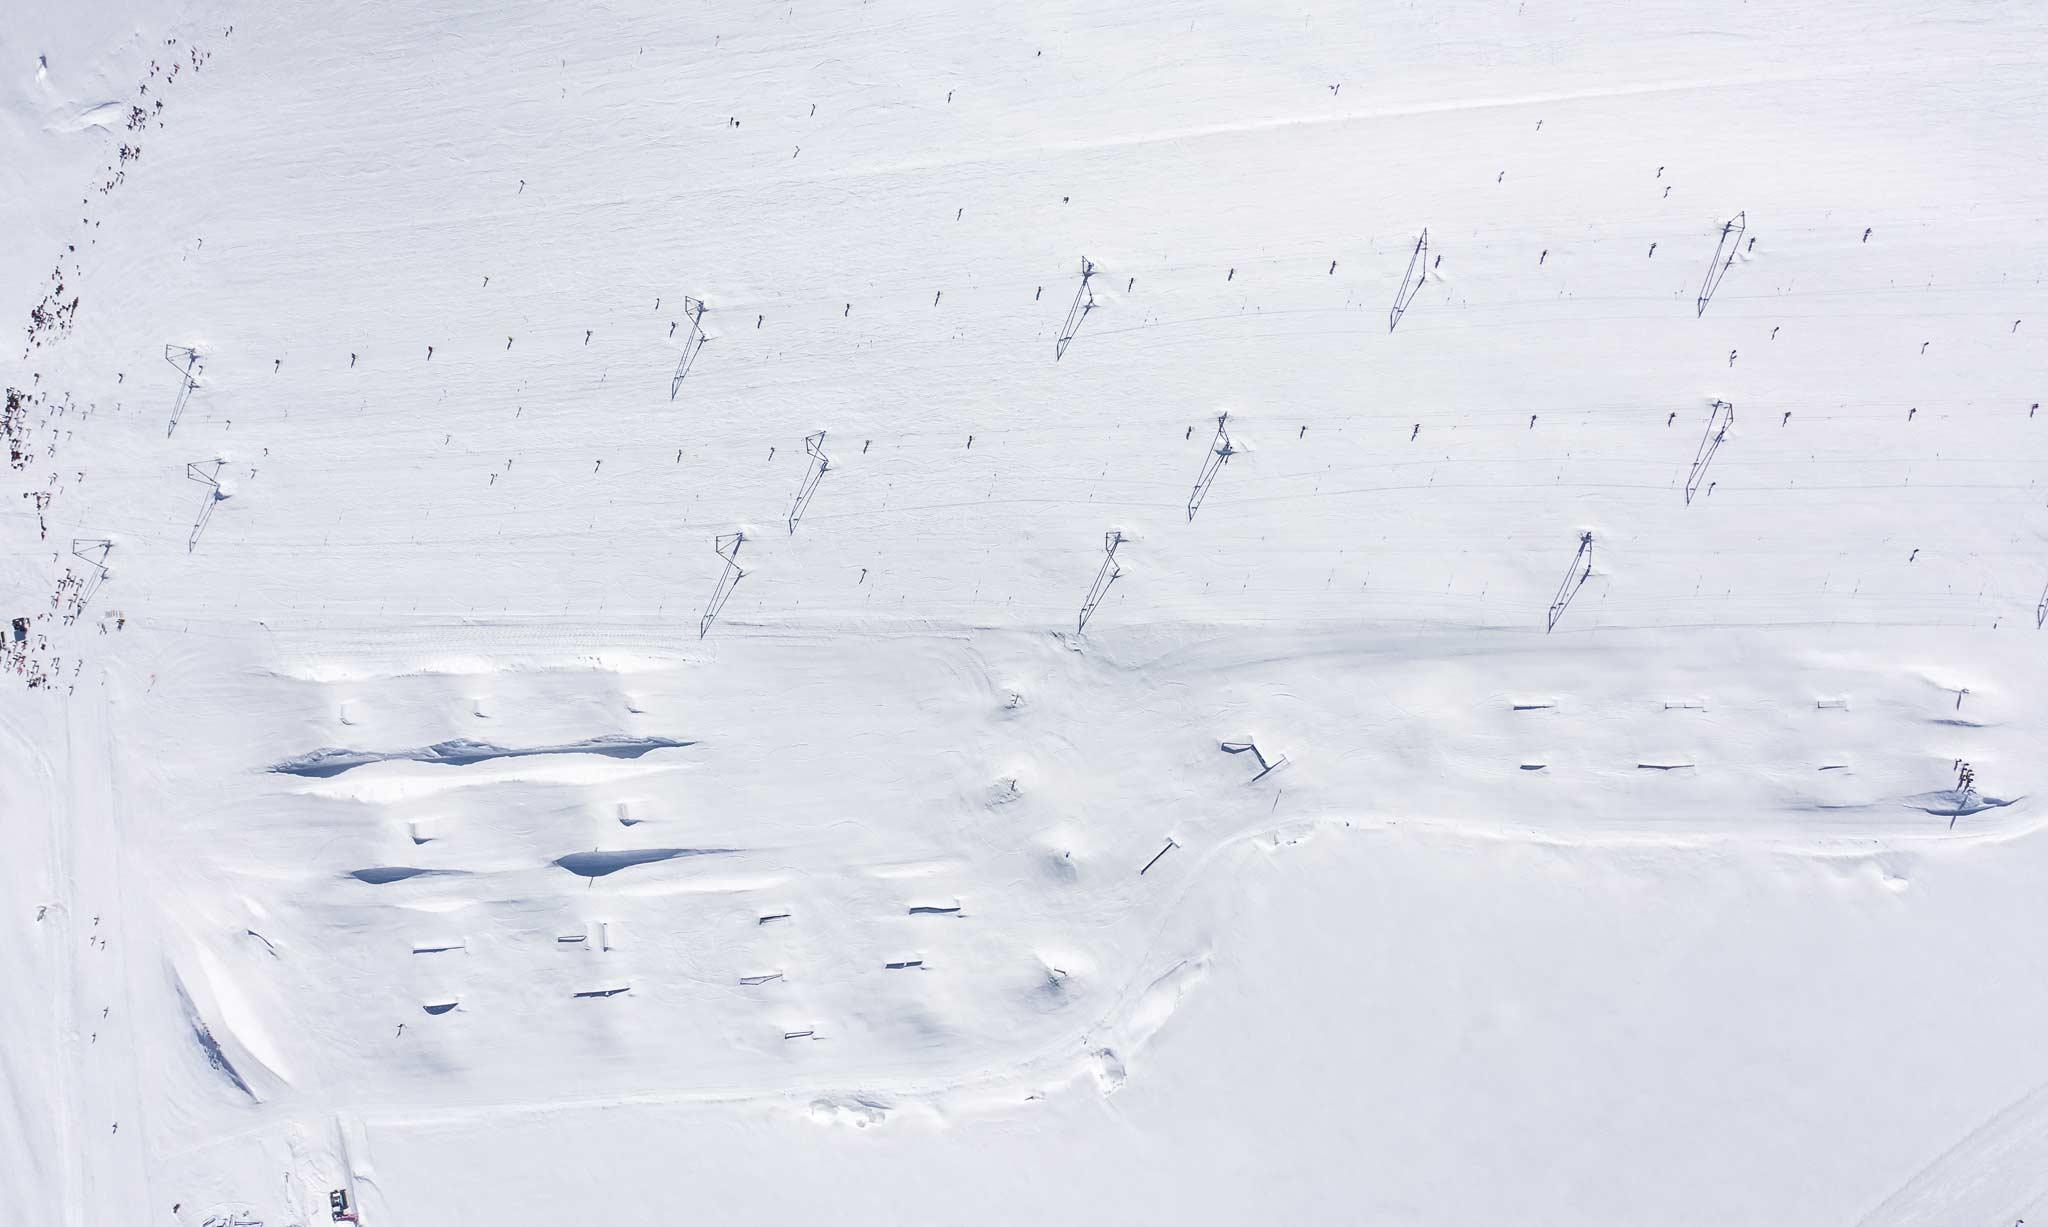 Das komplette Snowpark Zermatt Setup in der Übersicht. - Foto: Snowpark Zermatt